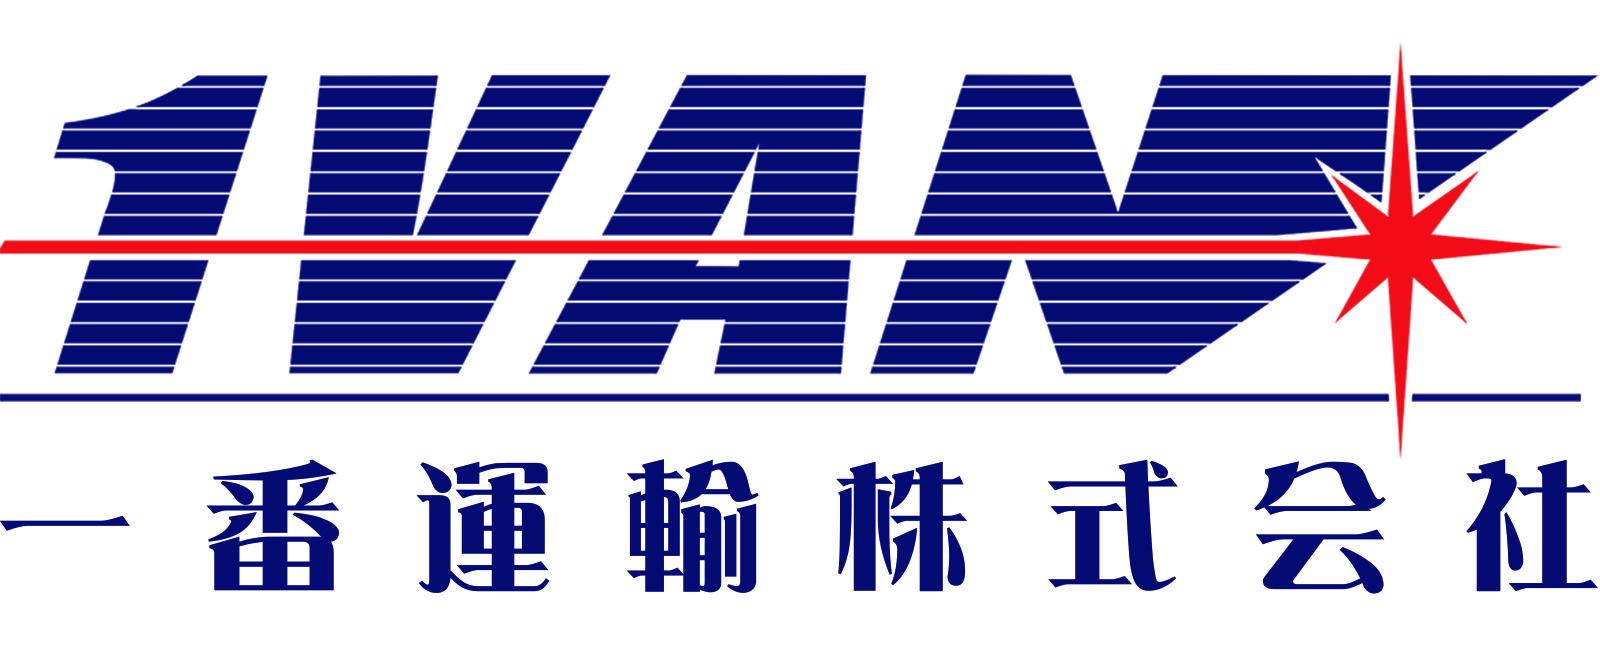 一番運輸株式会社